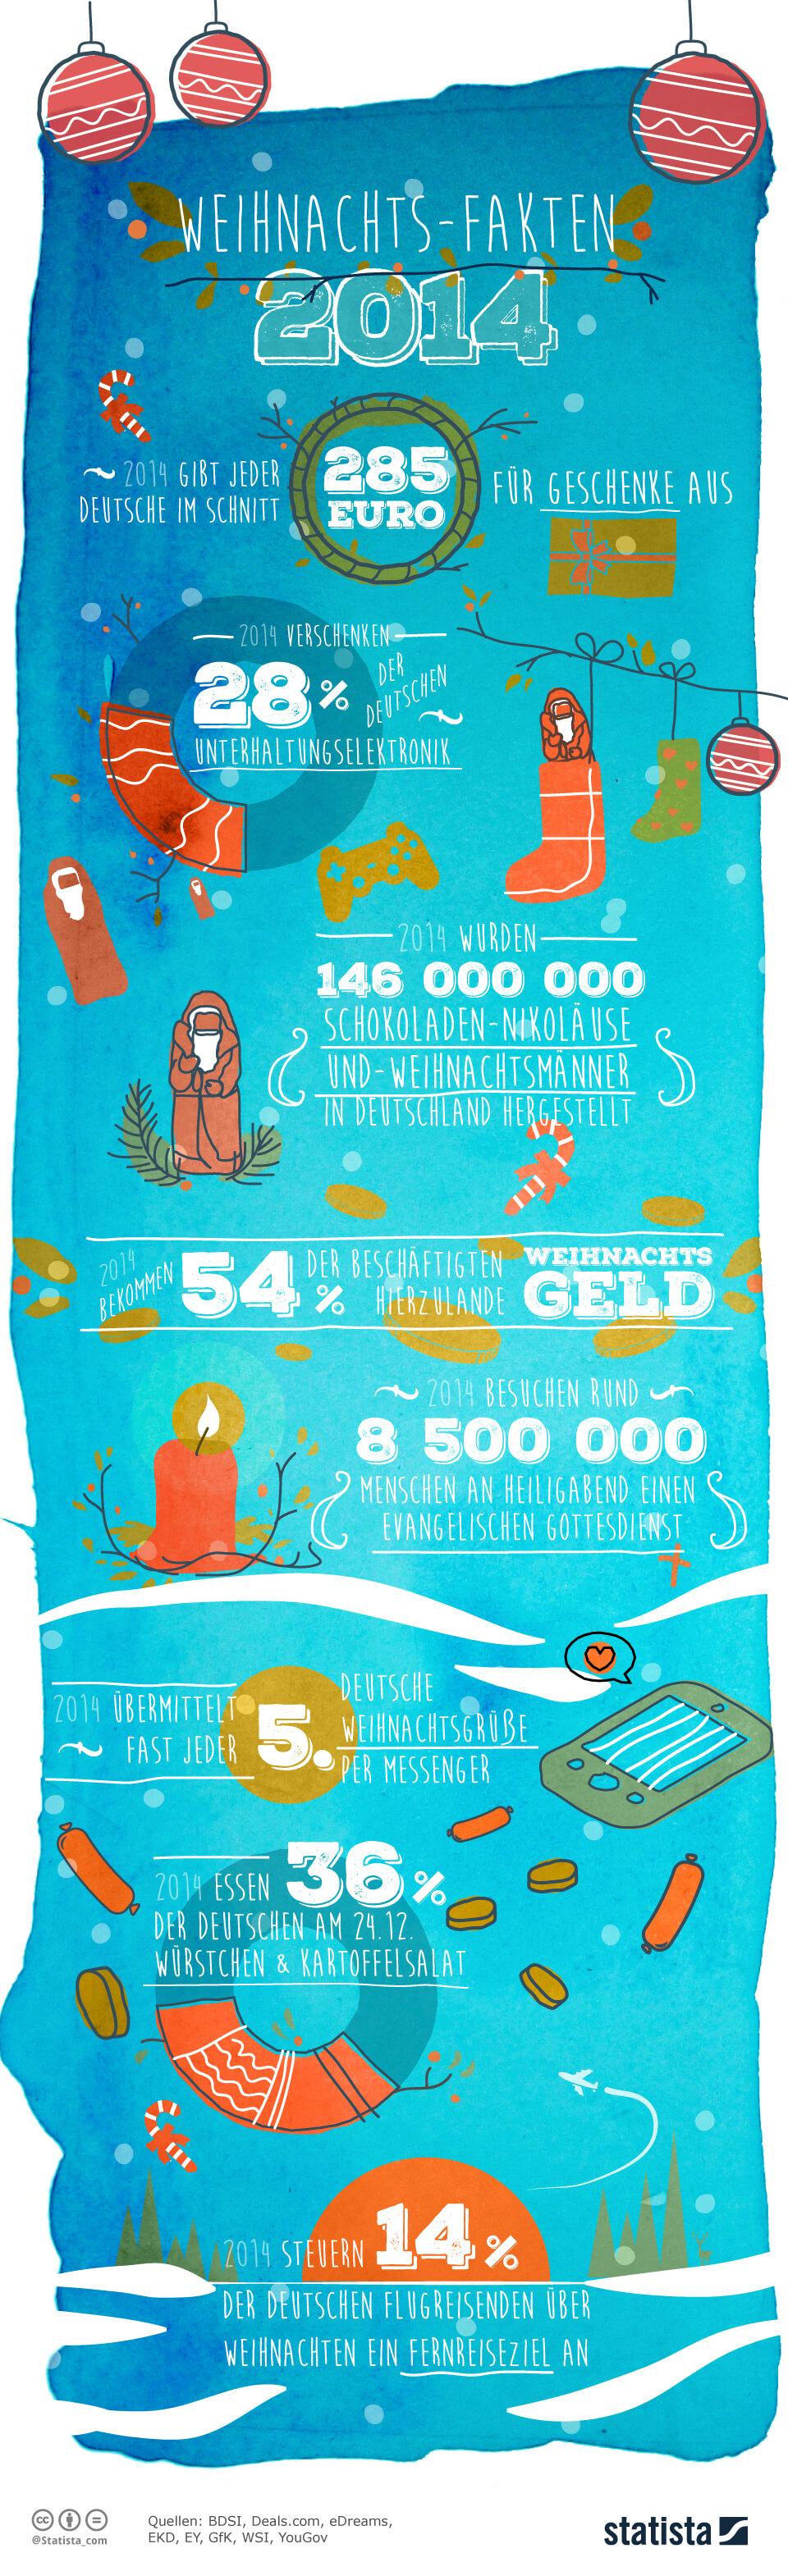 Infografik: Statista Weihnachts-Fakten 2014 | Statista